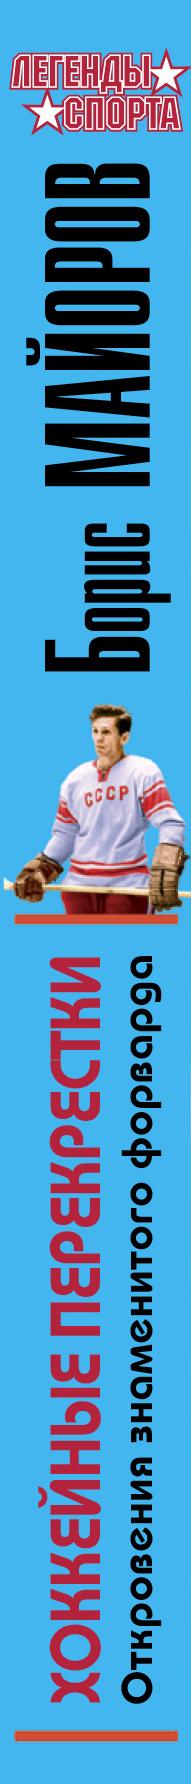 Хоккейные перекрестки. Откровения знаменитого форварда